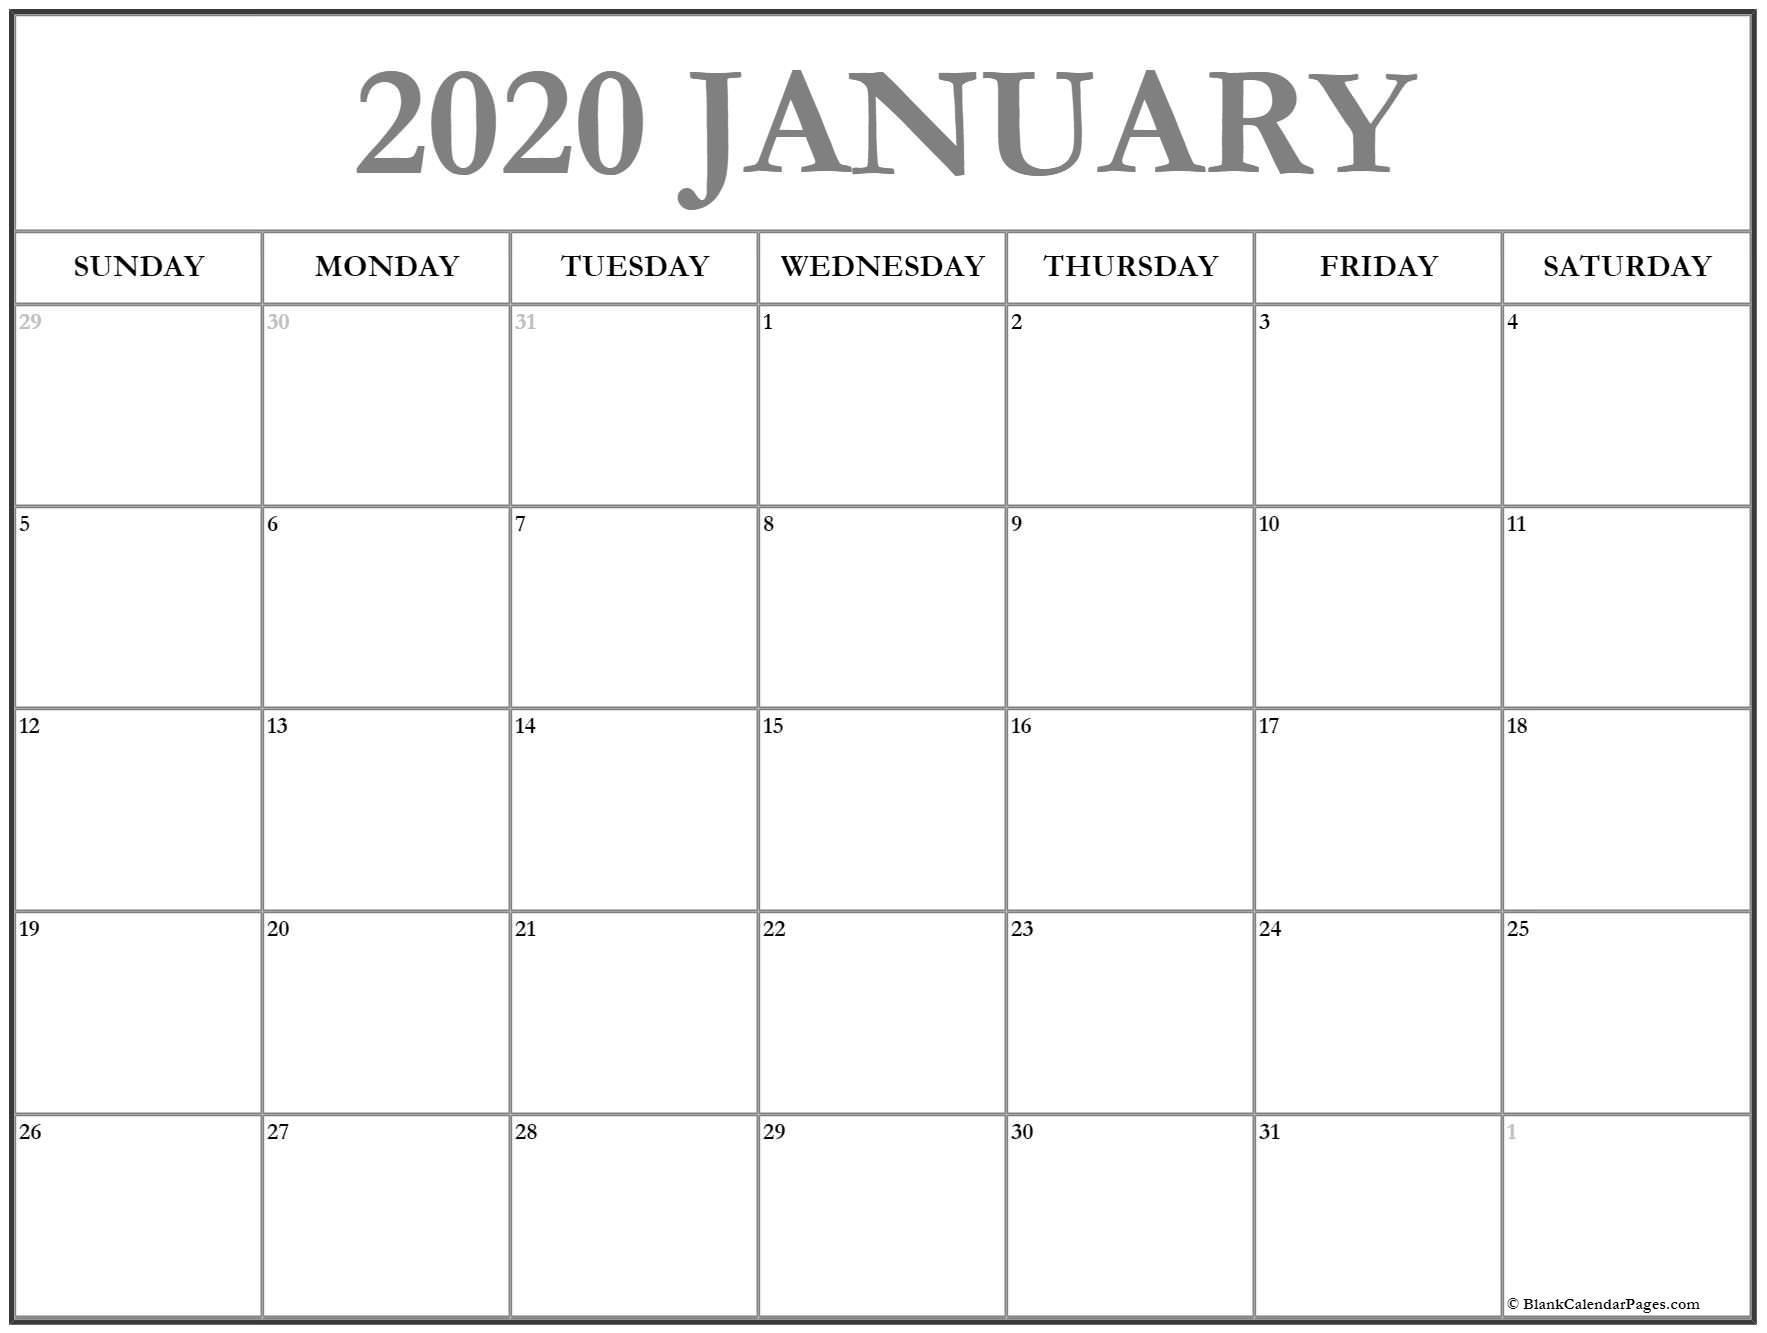 Extraordinary 2020 Calendar For January • Printable Blank-January 2020 Calendar Nsw